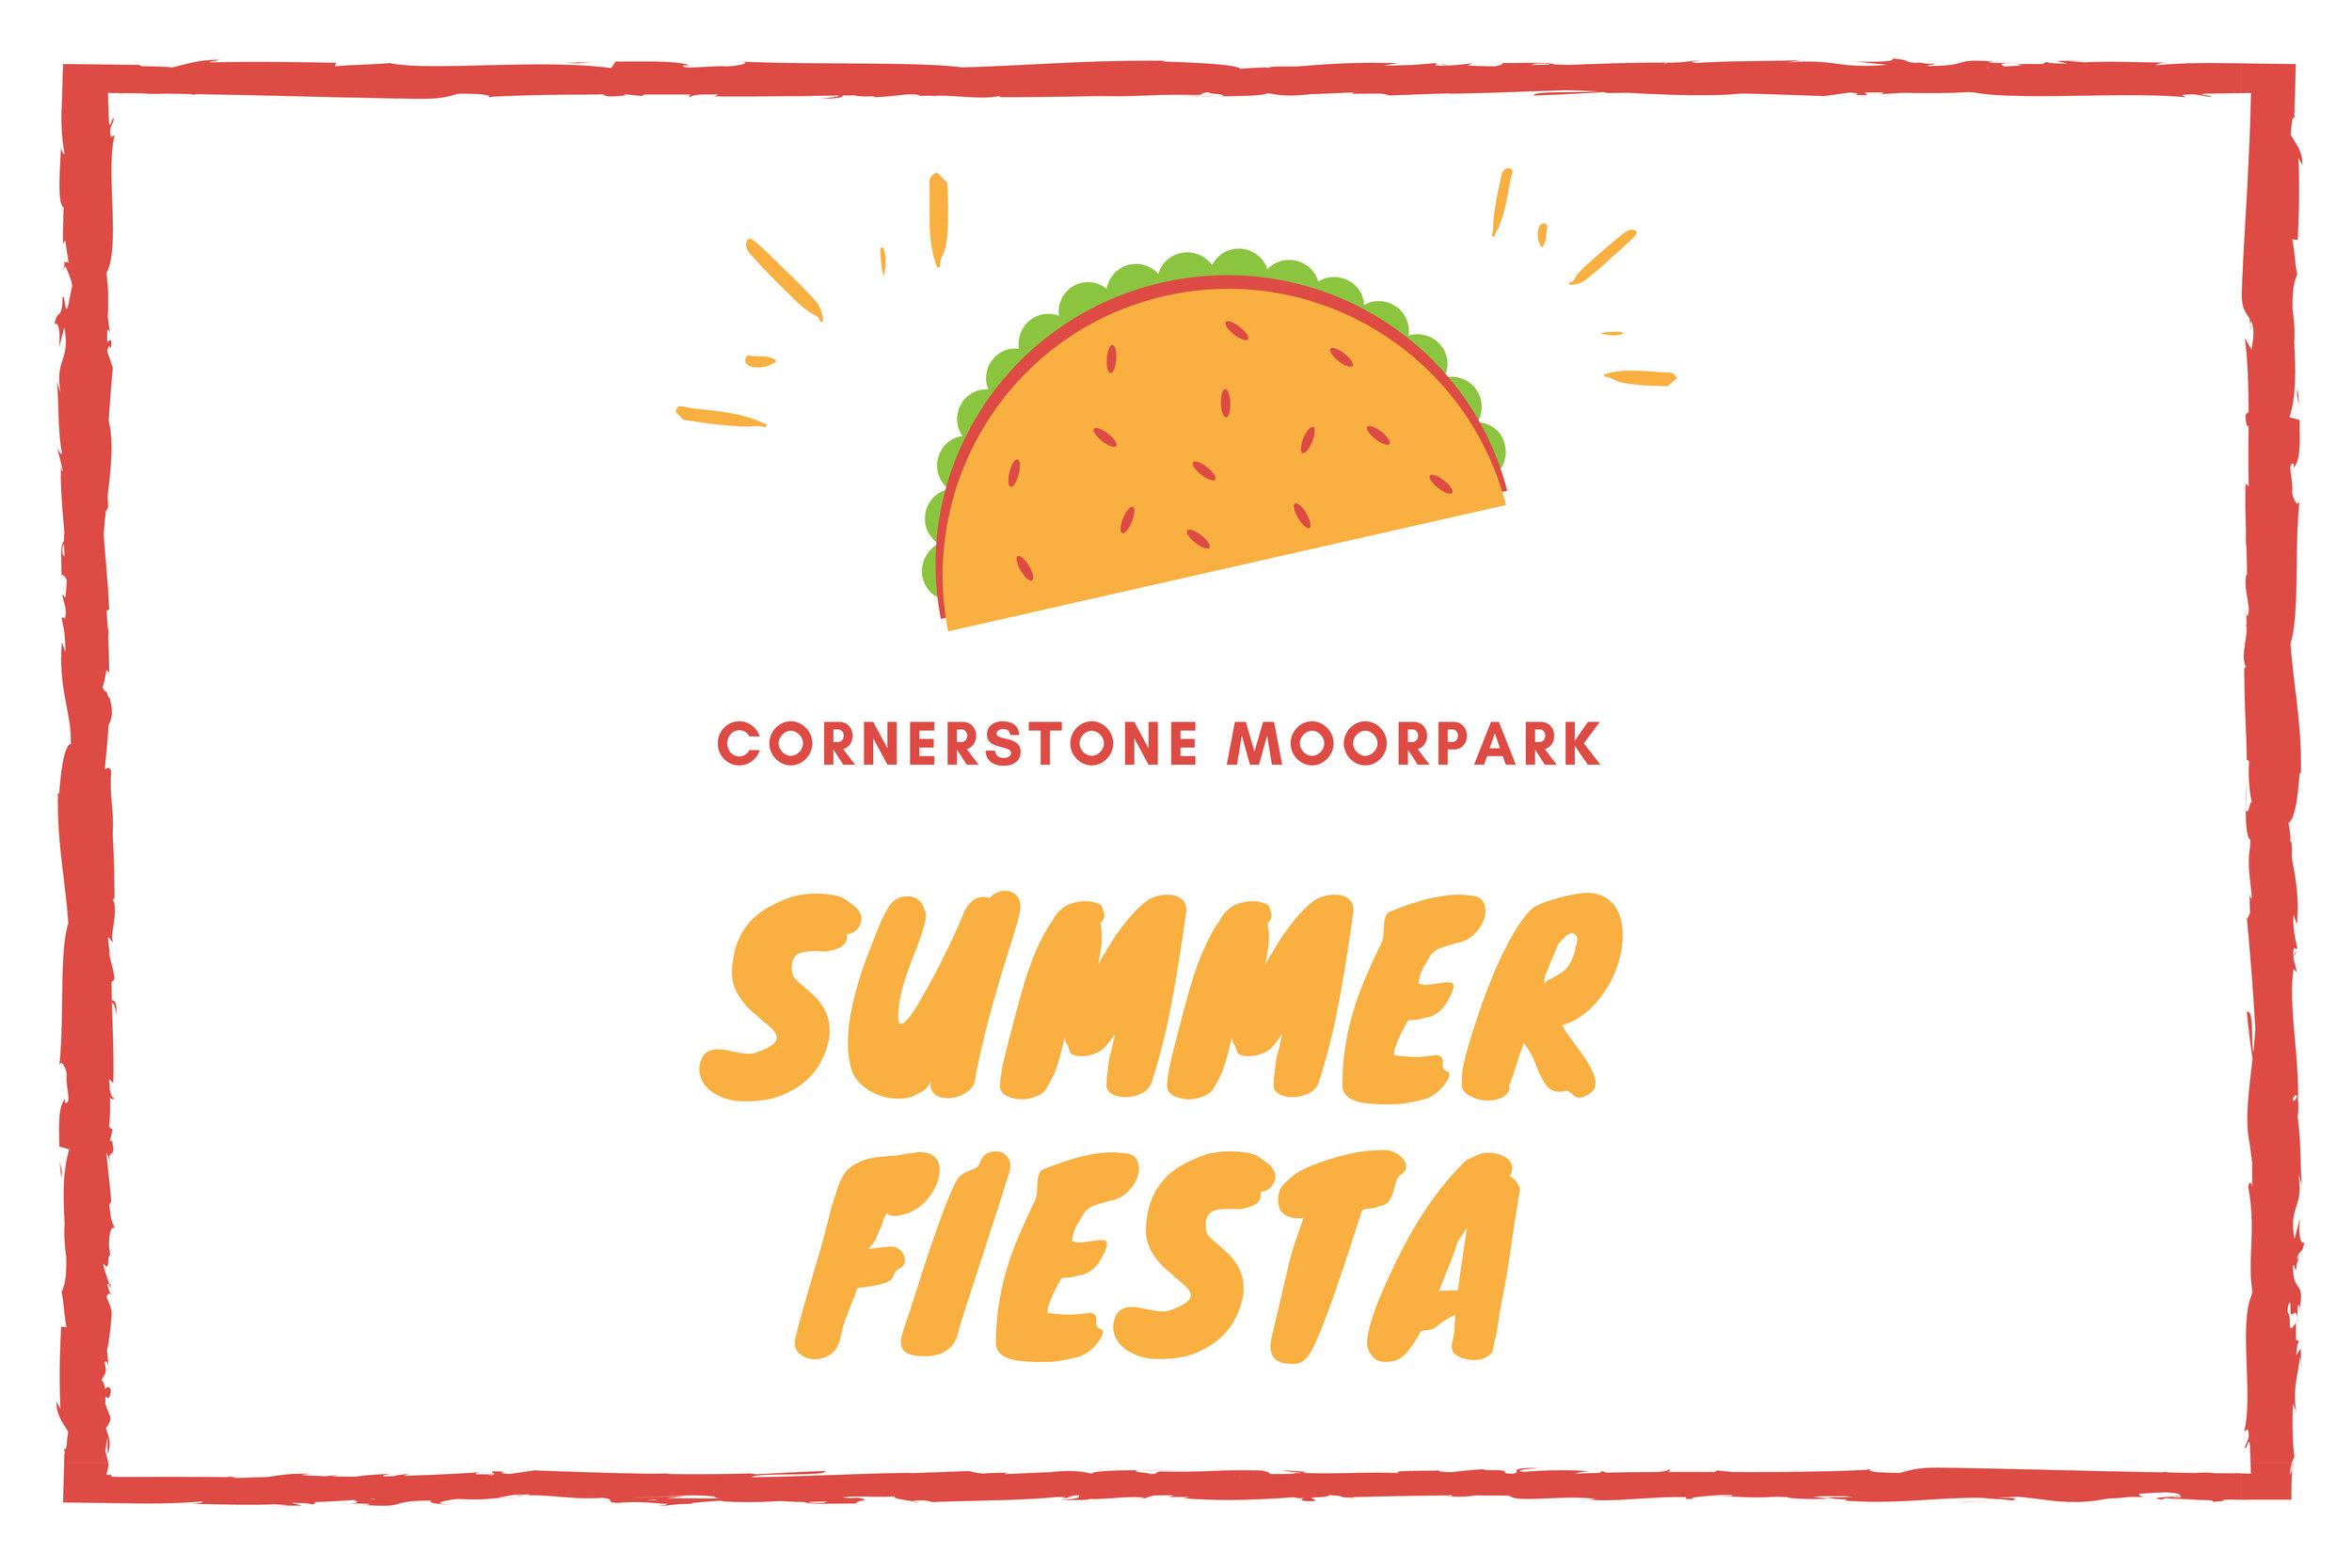 SUMMER fiesta cornerstone